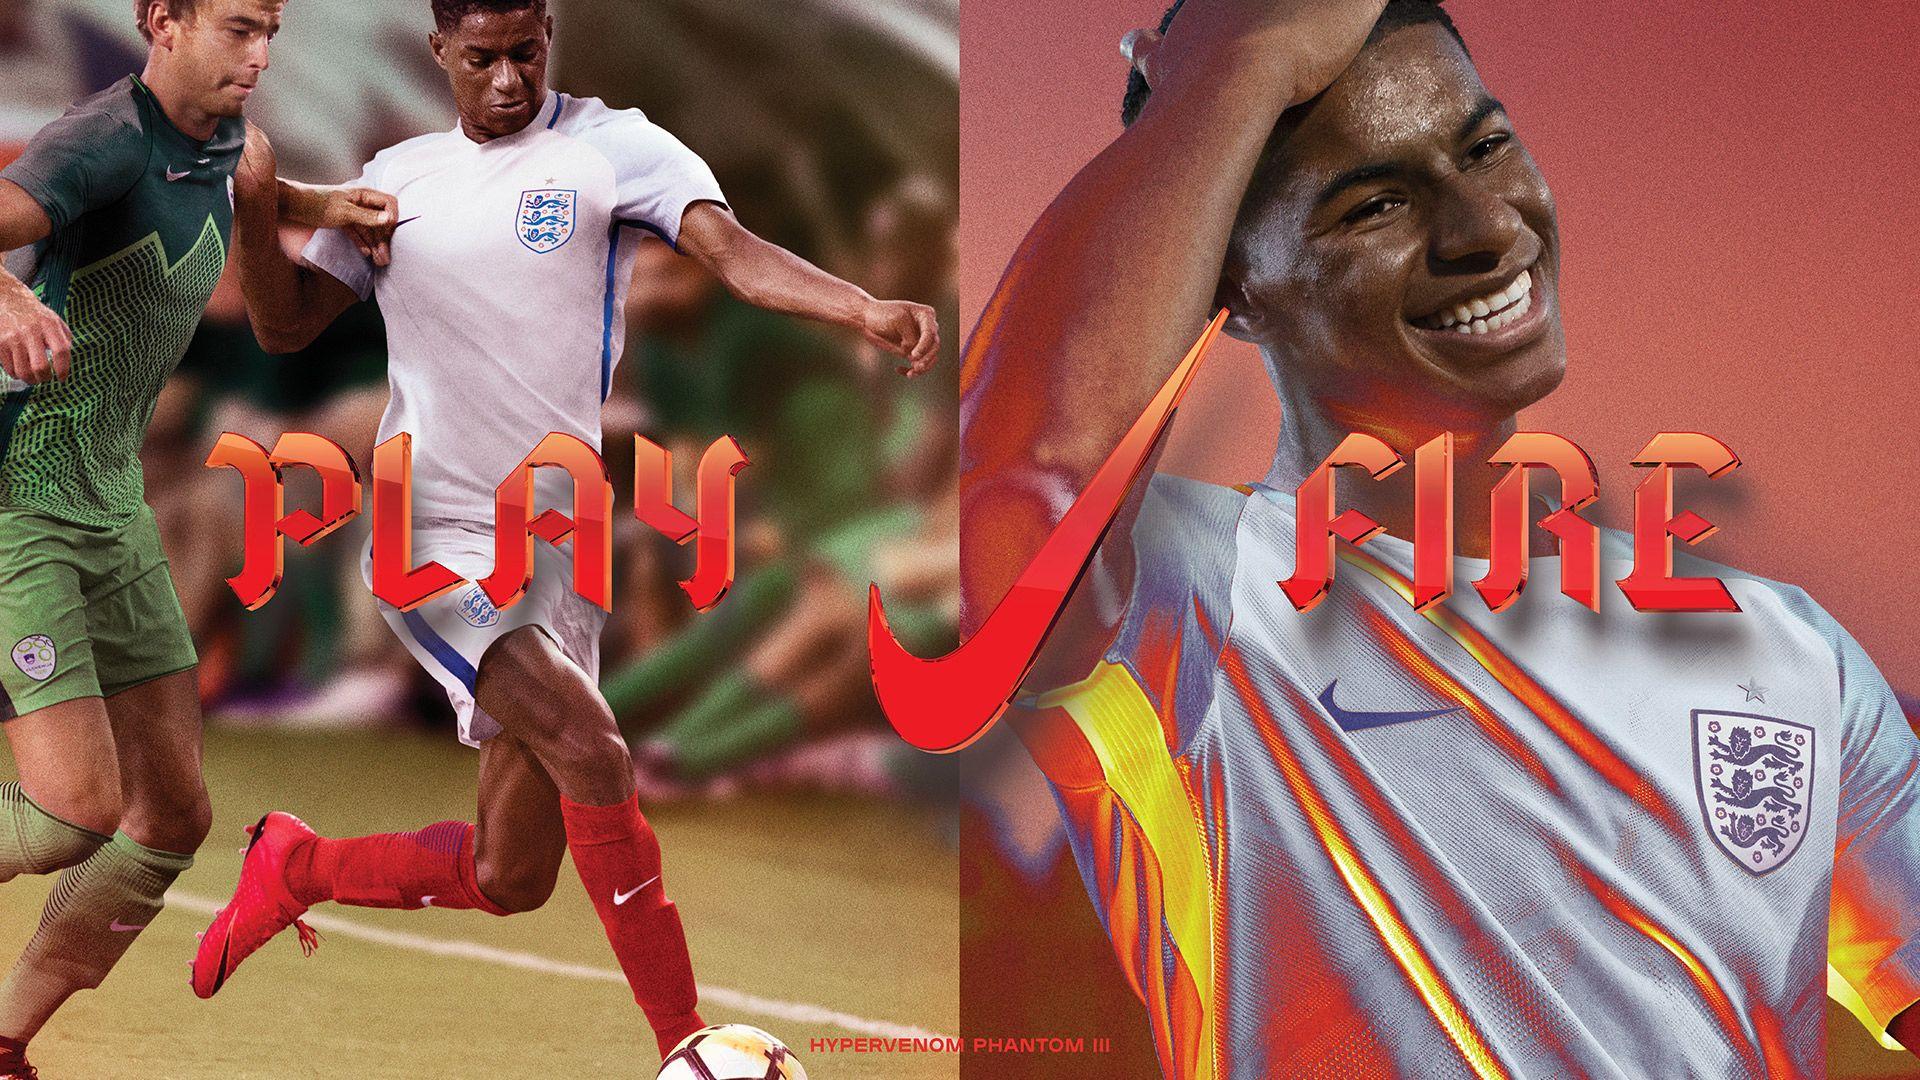 057d4369675 Nike Play Fire Hypervenom Phantom 3. Nike.com